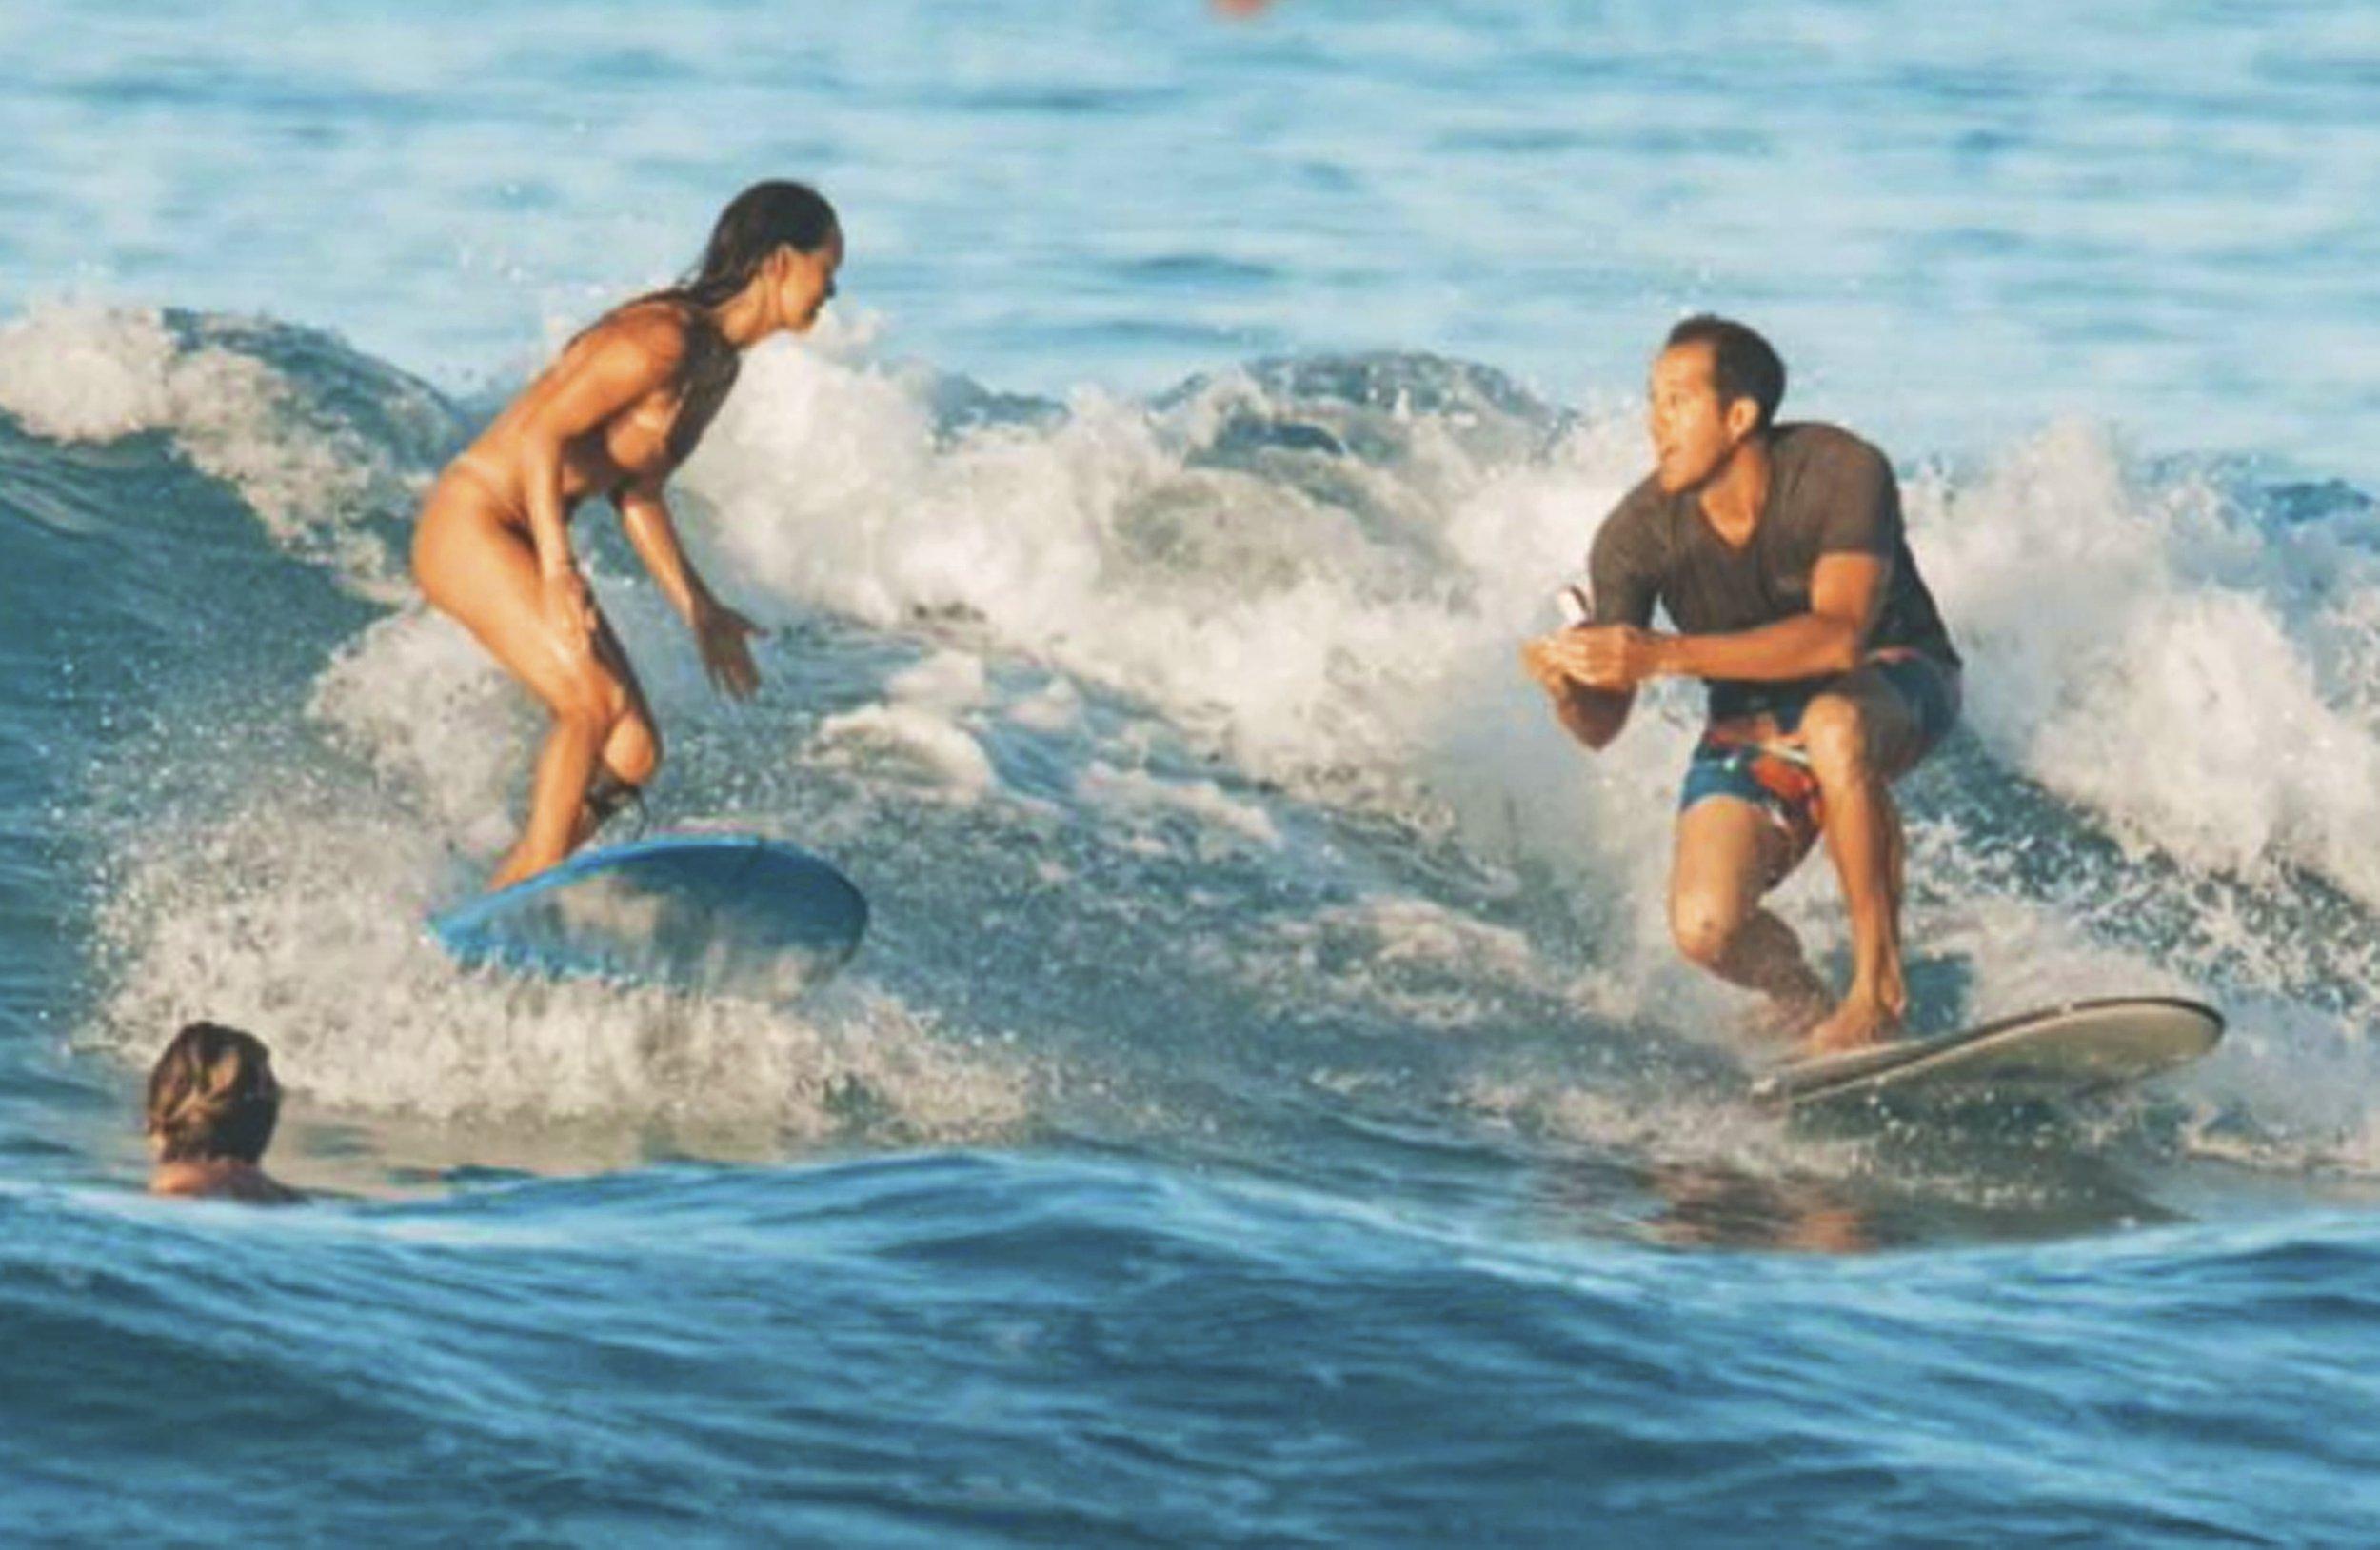 surfer dating UK Gratis dating tjenester i Chennai